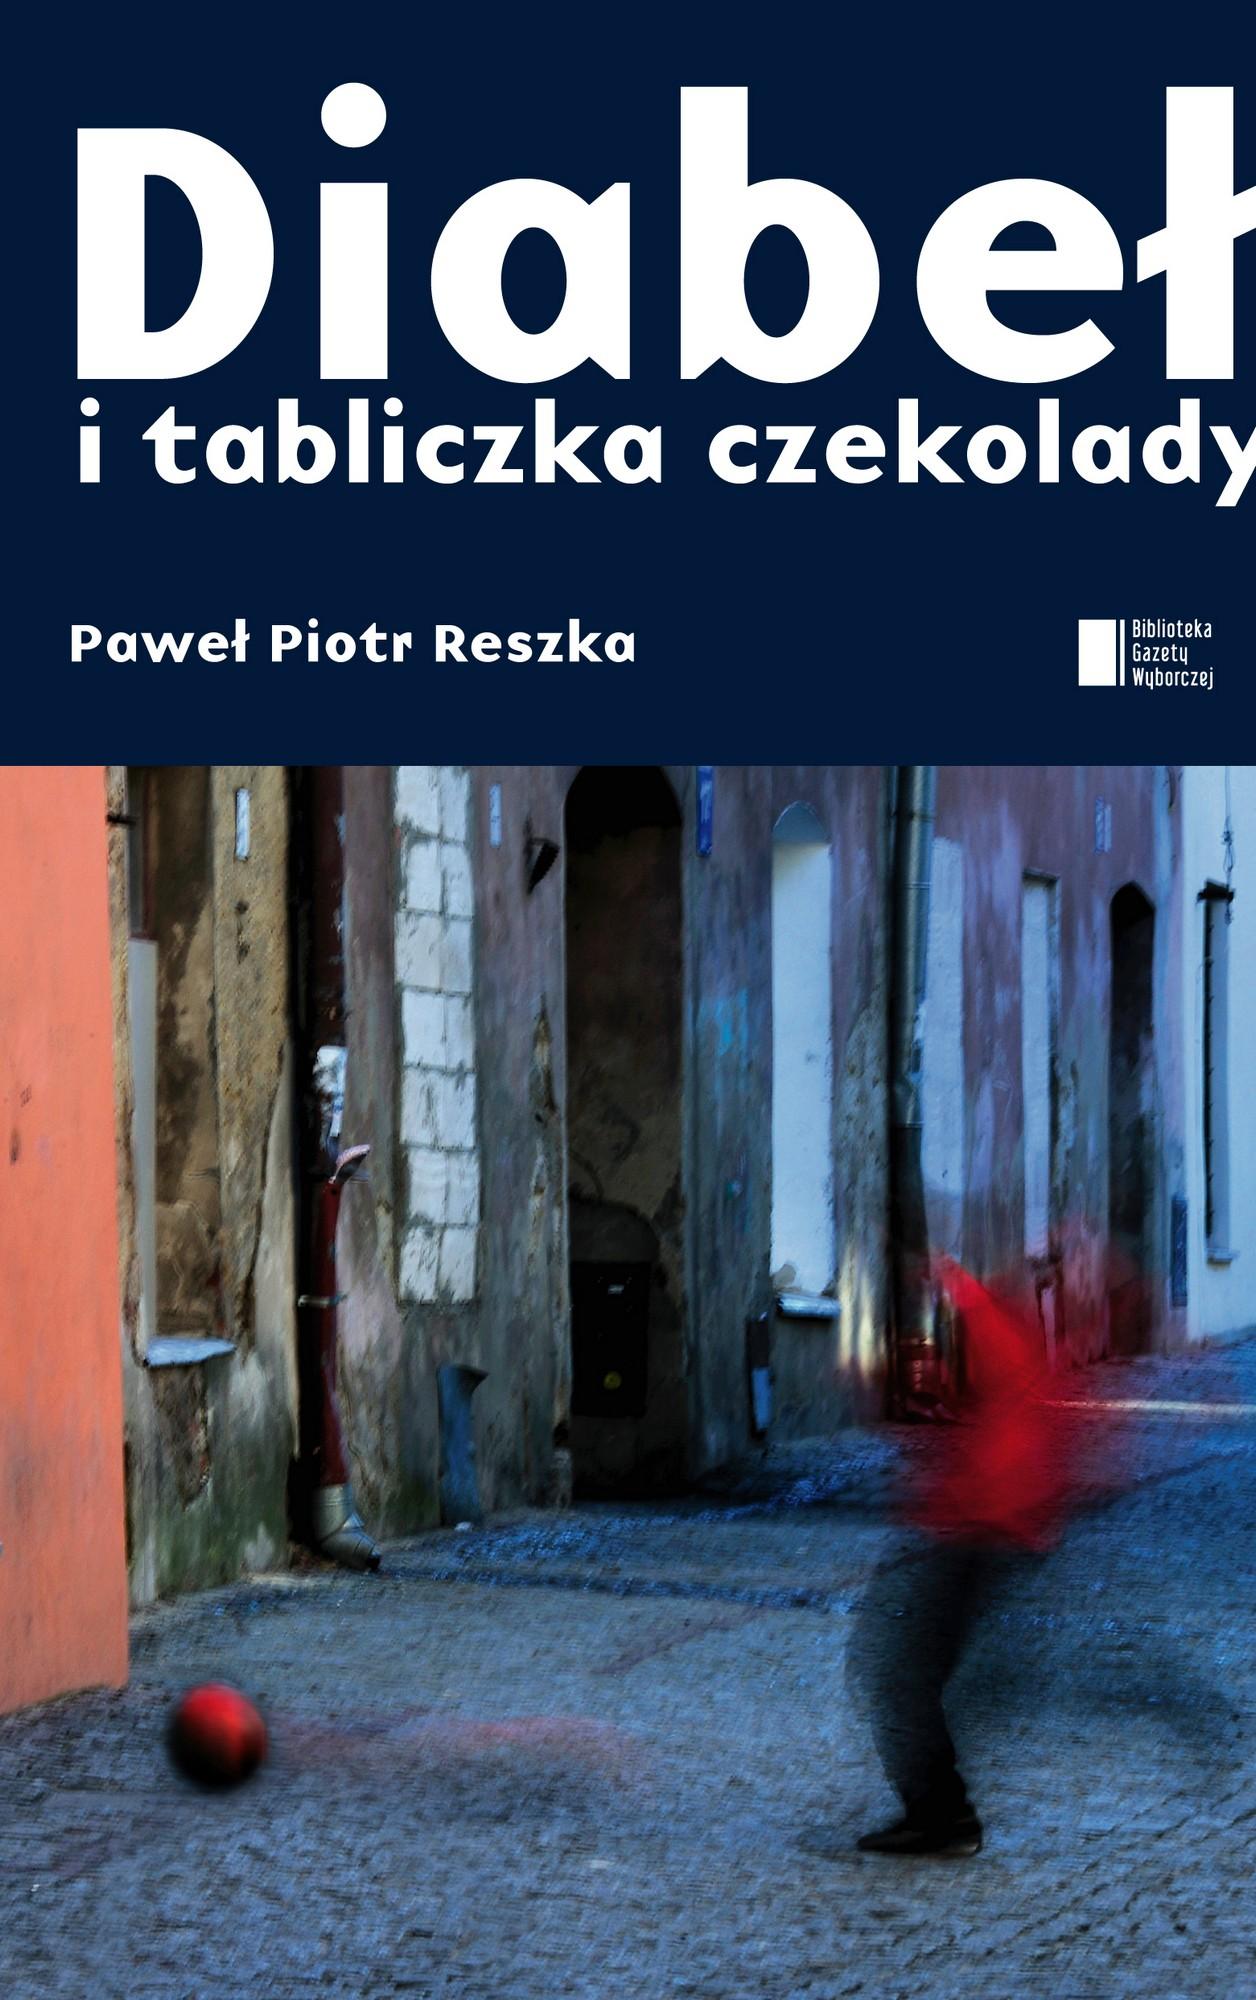 """Paweł Piotr Reszka, """"Diabeł i tabliczka czekolady"""" – okładka książki (źródło: materiały prasowe wydawcy)"""